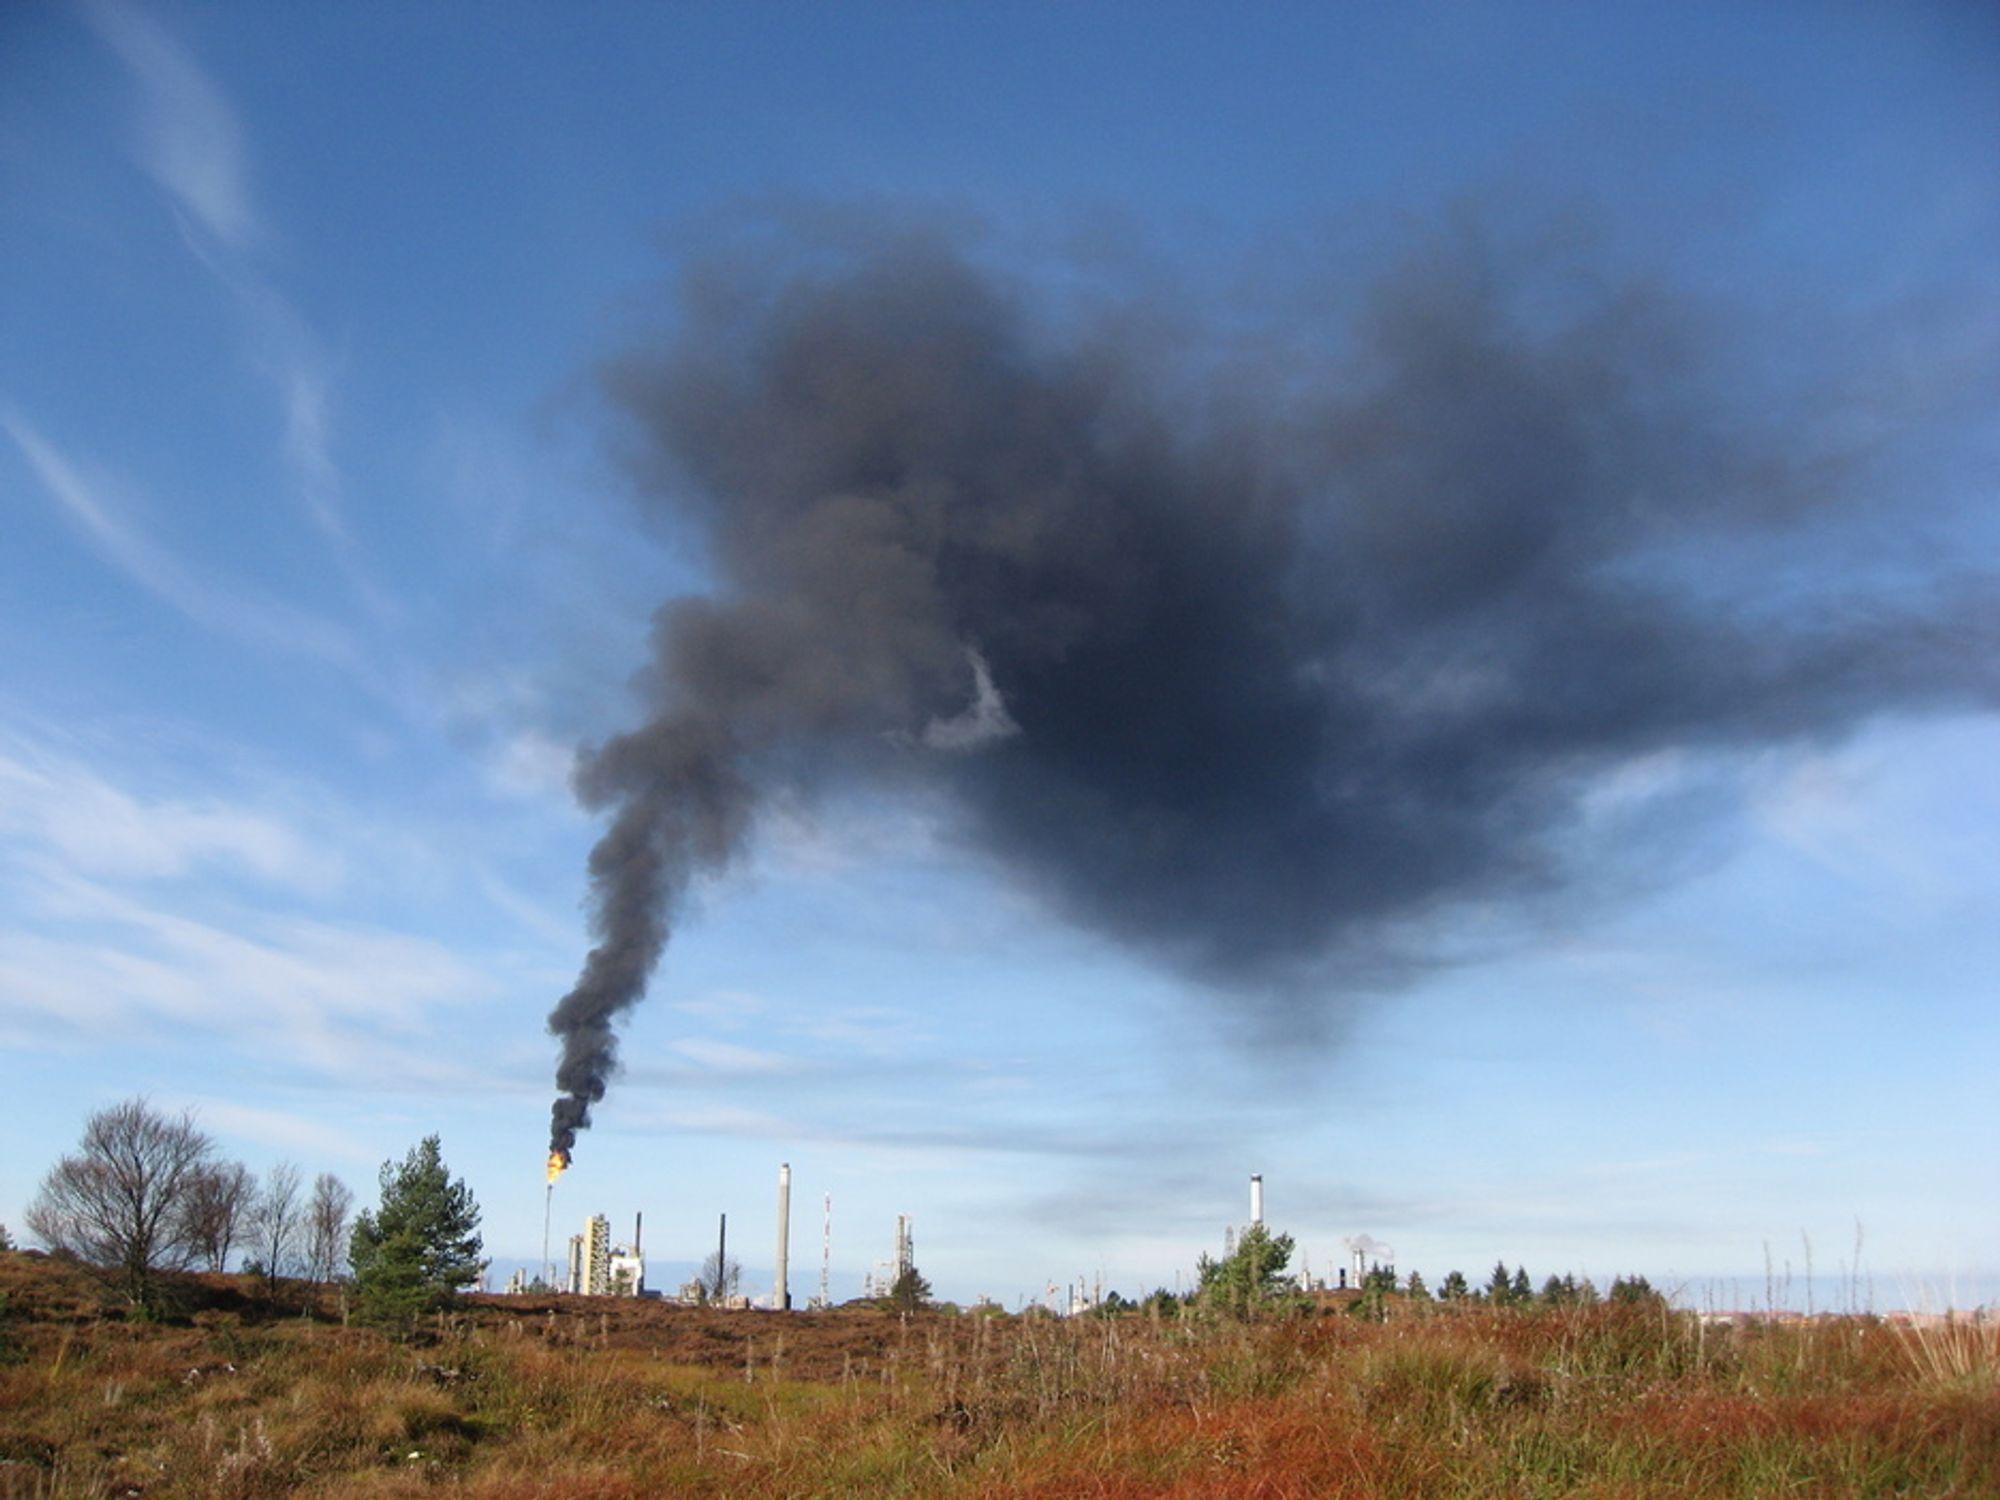 FAKLING: Norge har forbudt brenning av gass, eller fakling, fra petroleumsvirksomheten. Nå vil norske myndigheter inngå et samarbeid med Russland om å redusere faklingen hos våre naboer i øst. Illustrasjonsbilde fra Mongstad.